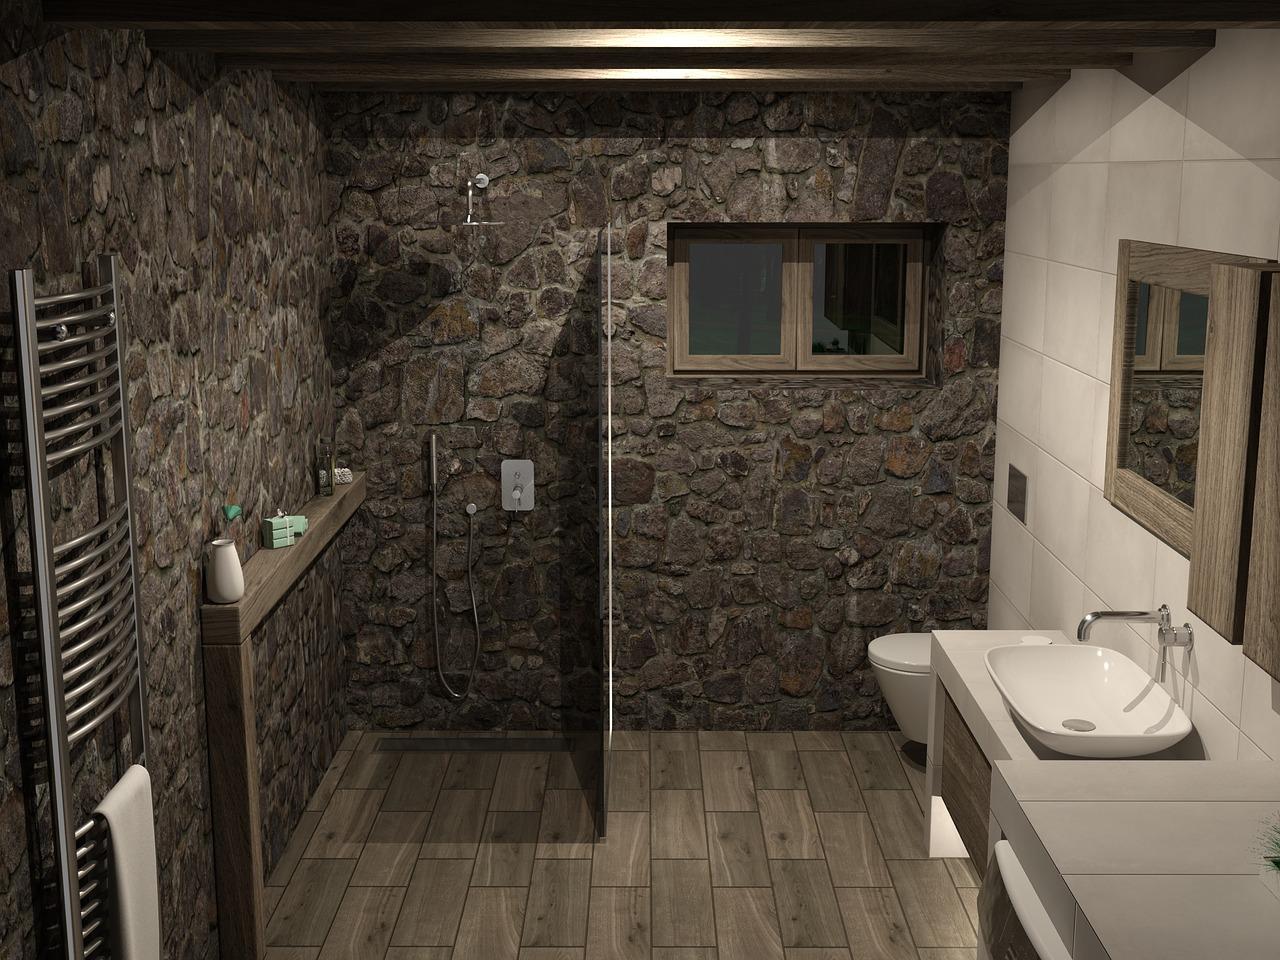 Ristrutturazione Completa Casa Costi quanto costa rifare o ristrutturare un bagno completo?